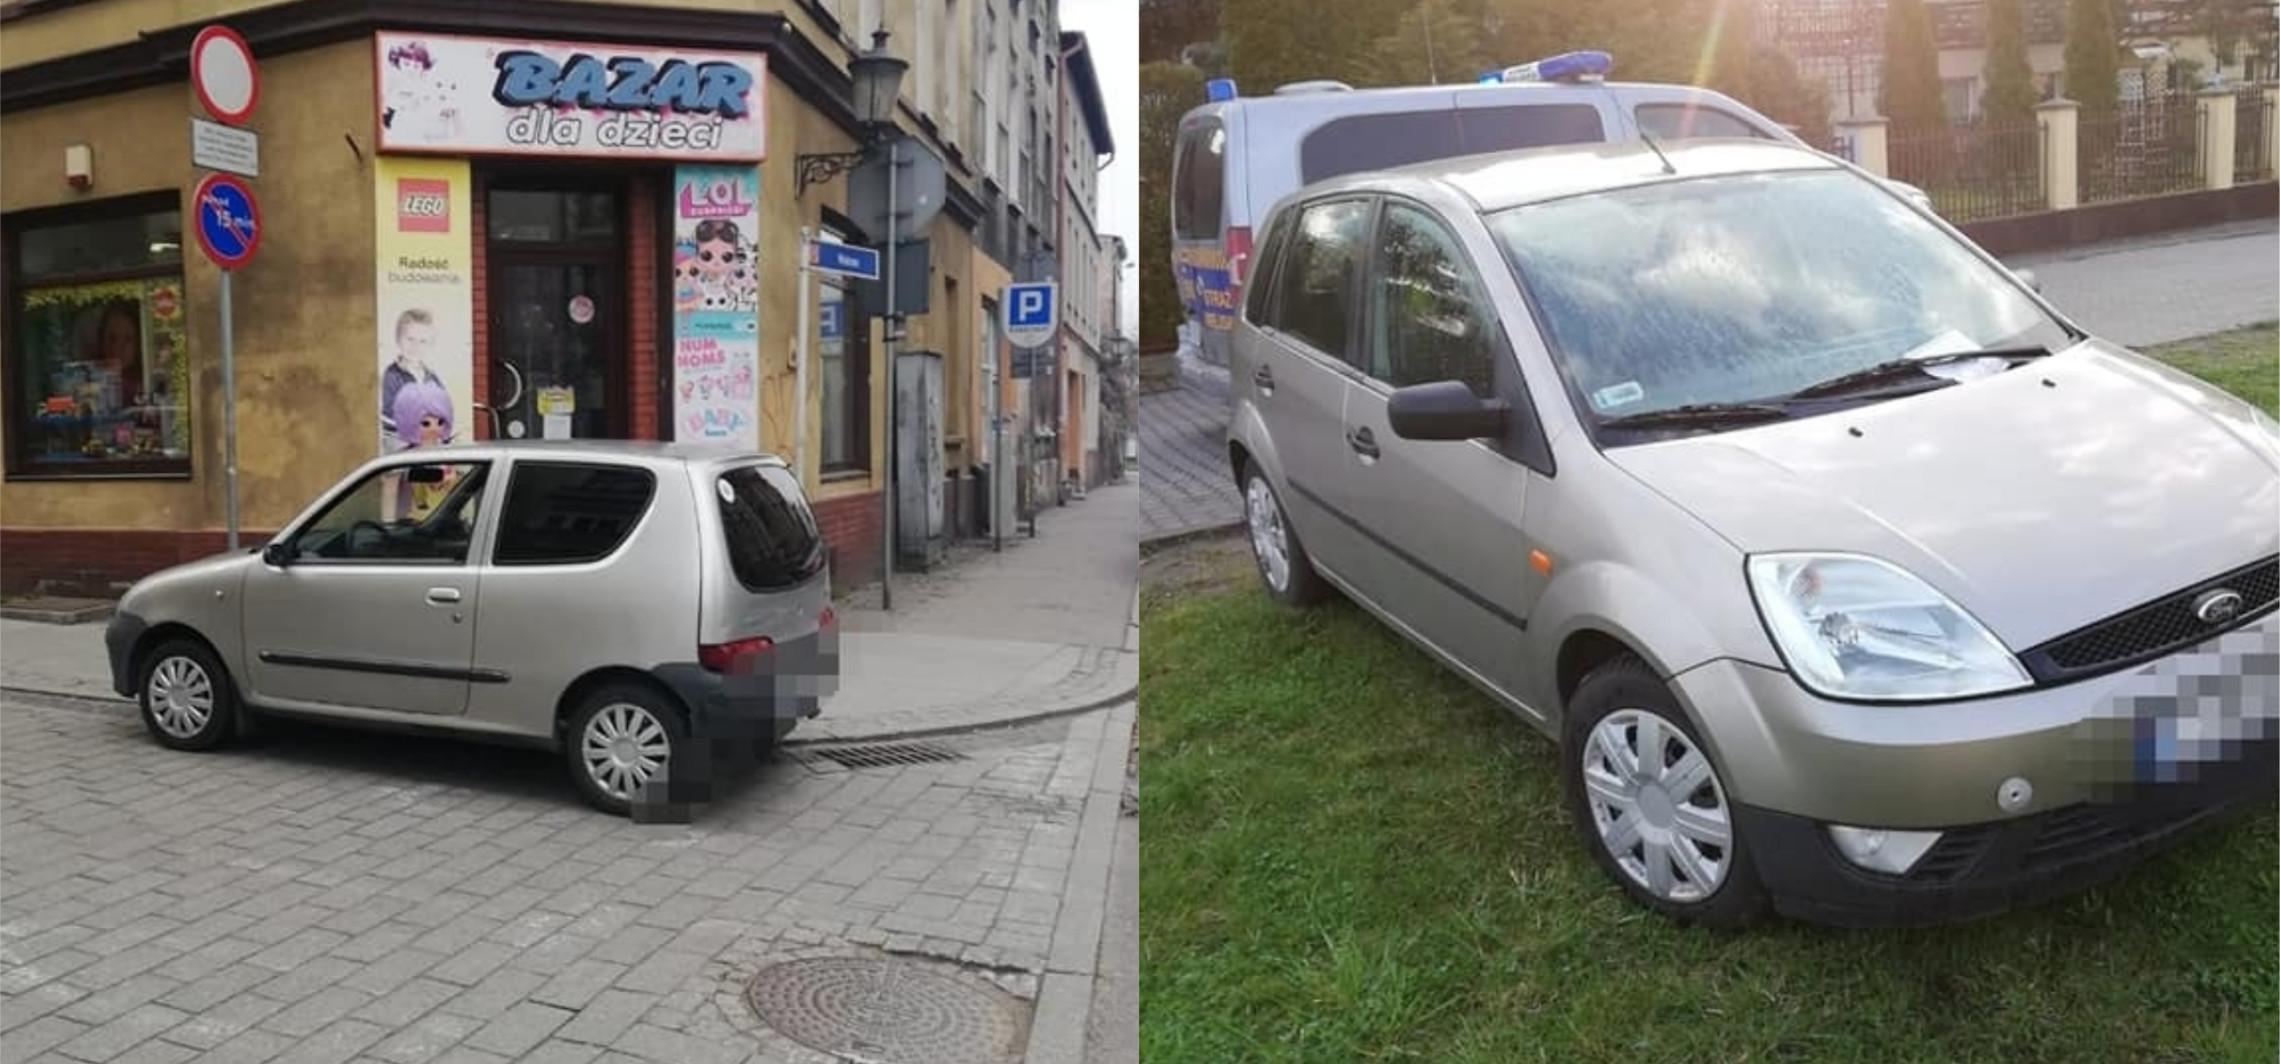 Inowrocław - Tak wygląda dzikie parkowanie w Inowrocławiu